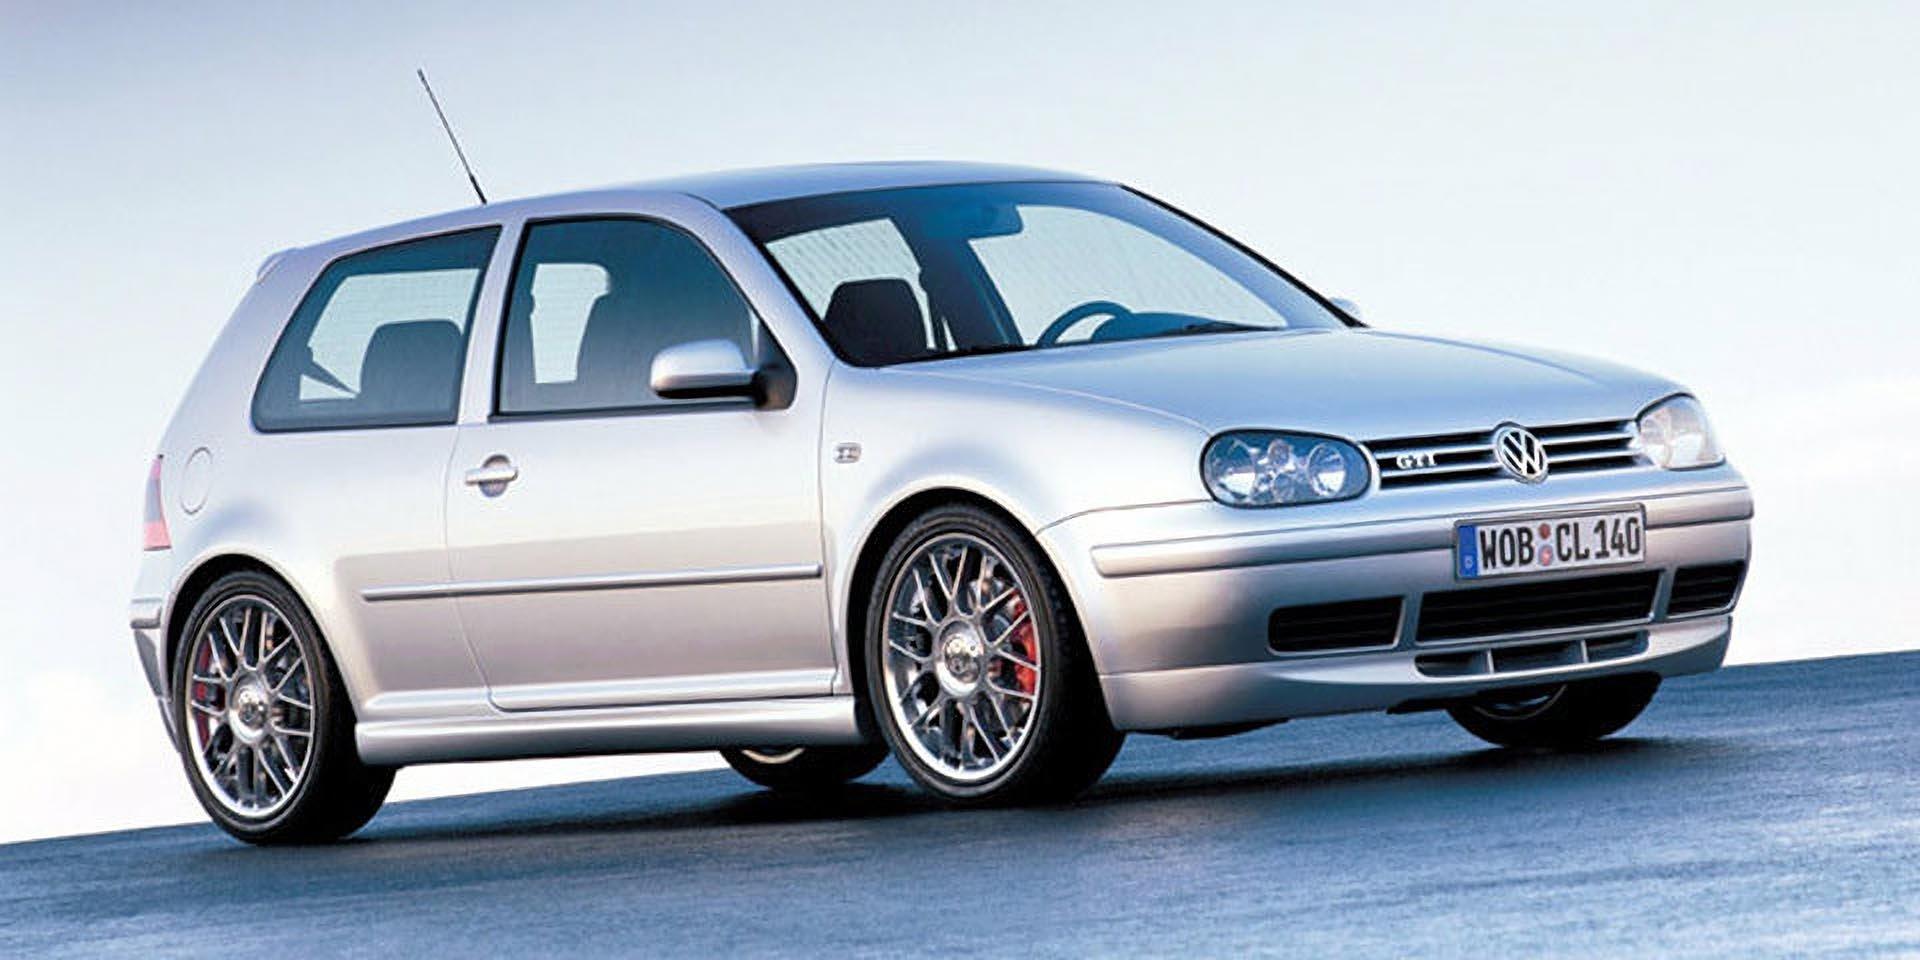 02_VW Mk4 GTI 337 1.8t 6-speed front